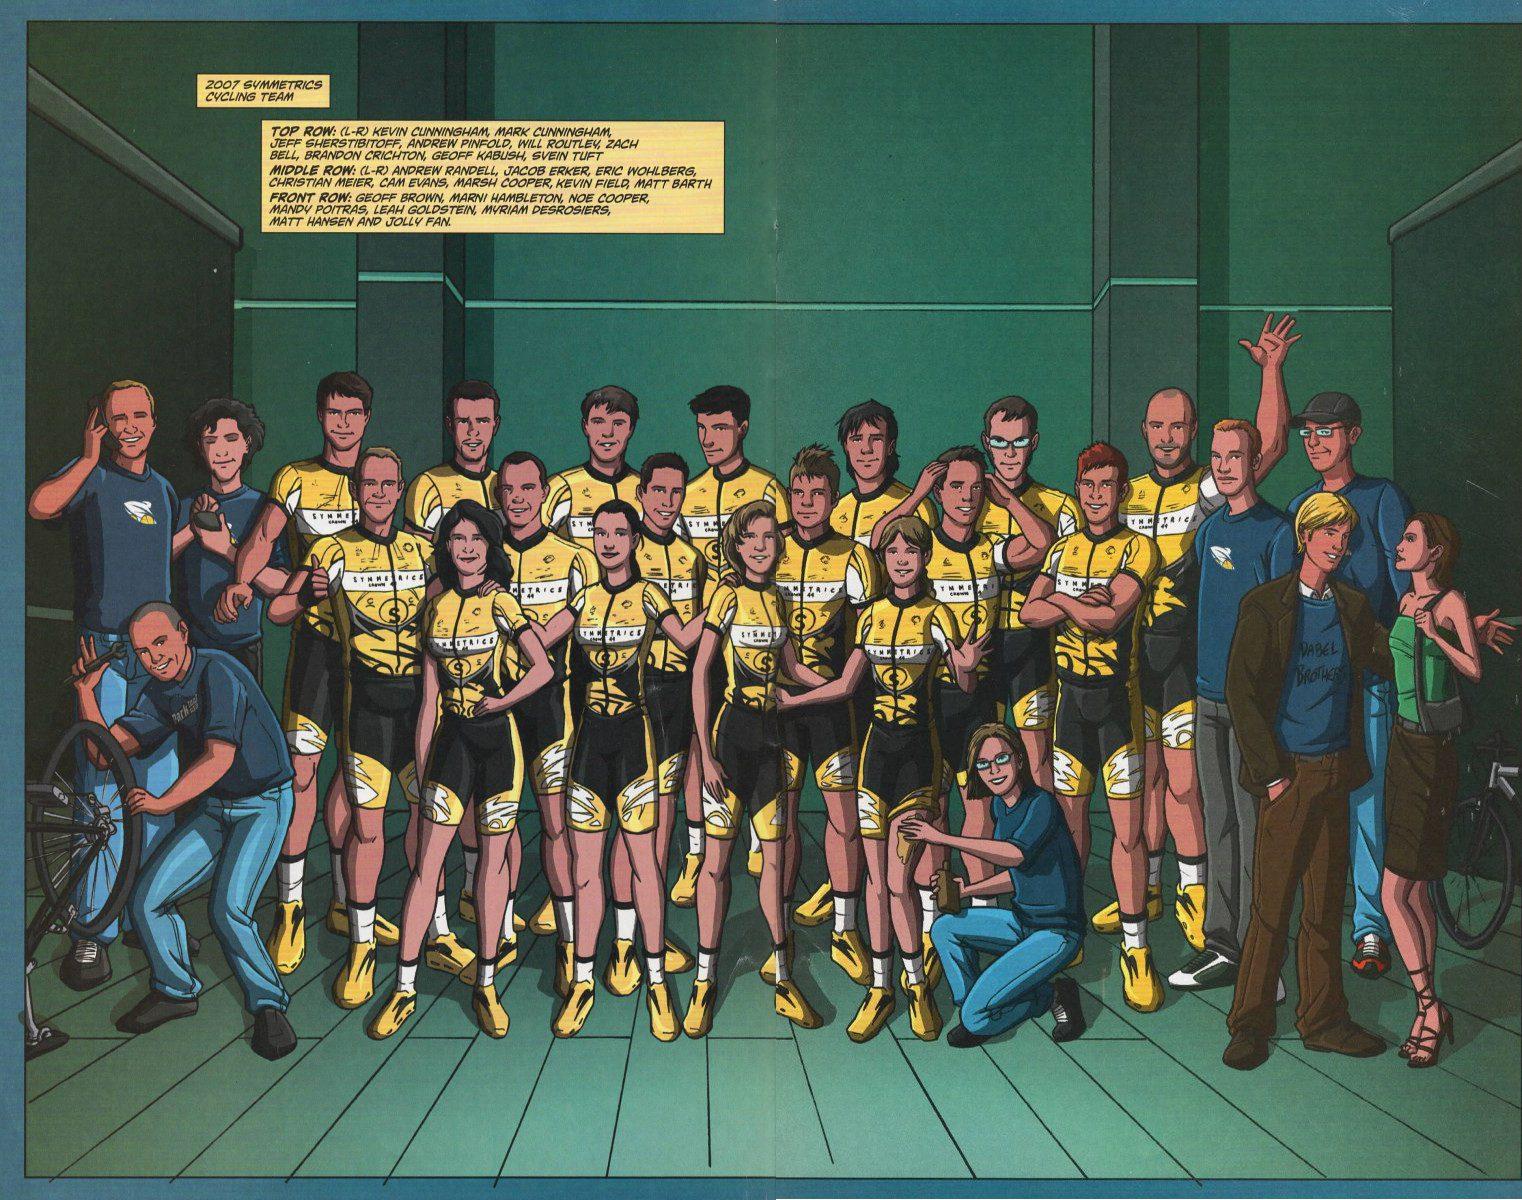 2007 Symmetrics Pro Cycling Team comic